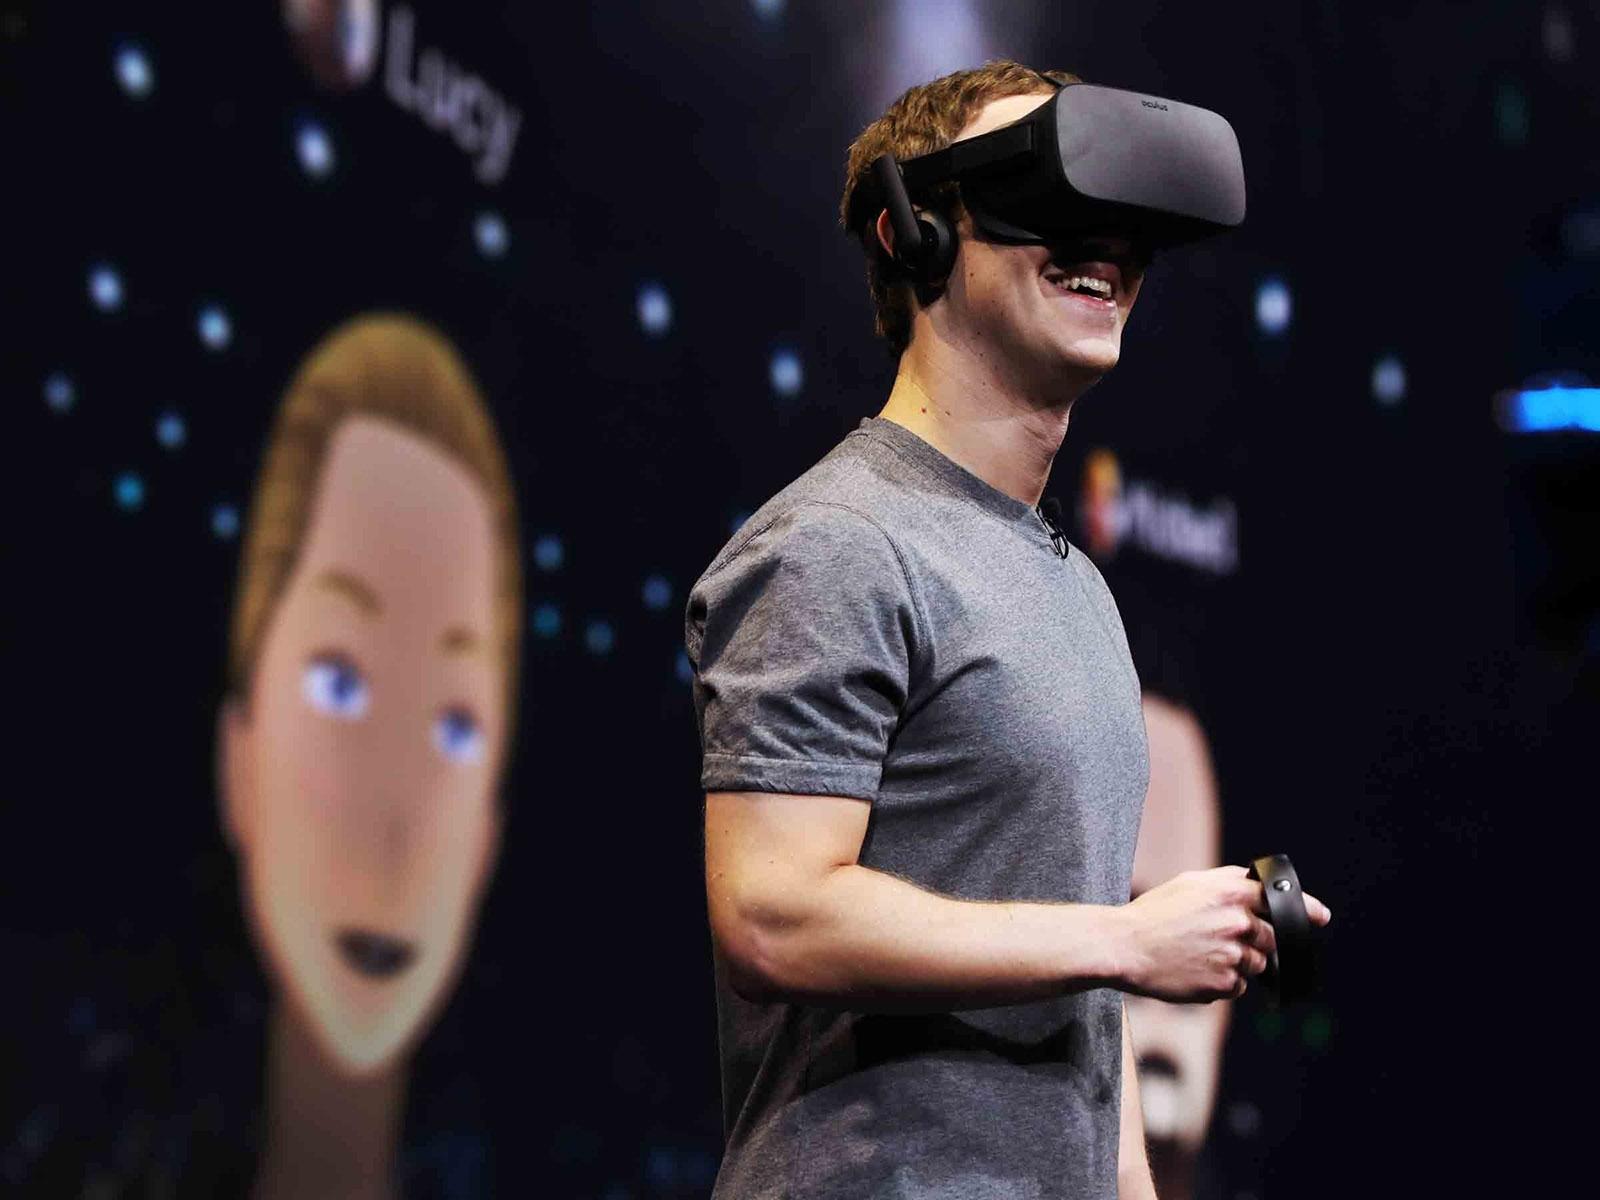 новая статья итоги 2017 виртуальная дополненная реальность